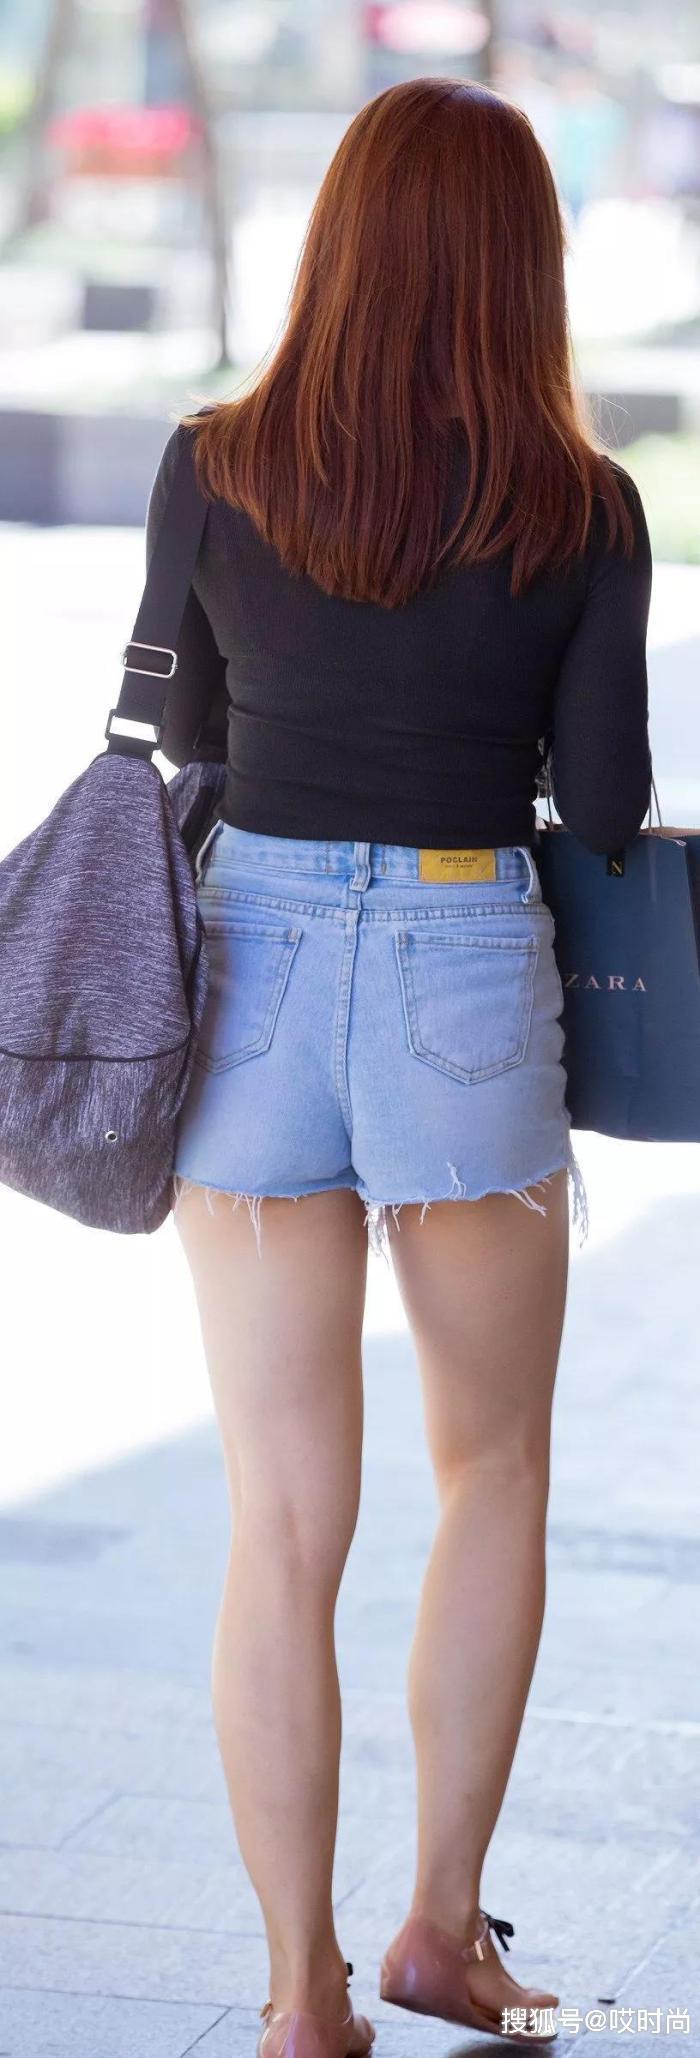 """原创            短裤还是牛仔裤好看,美女穿上后又""""白""""又高!"""